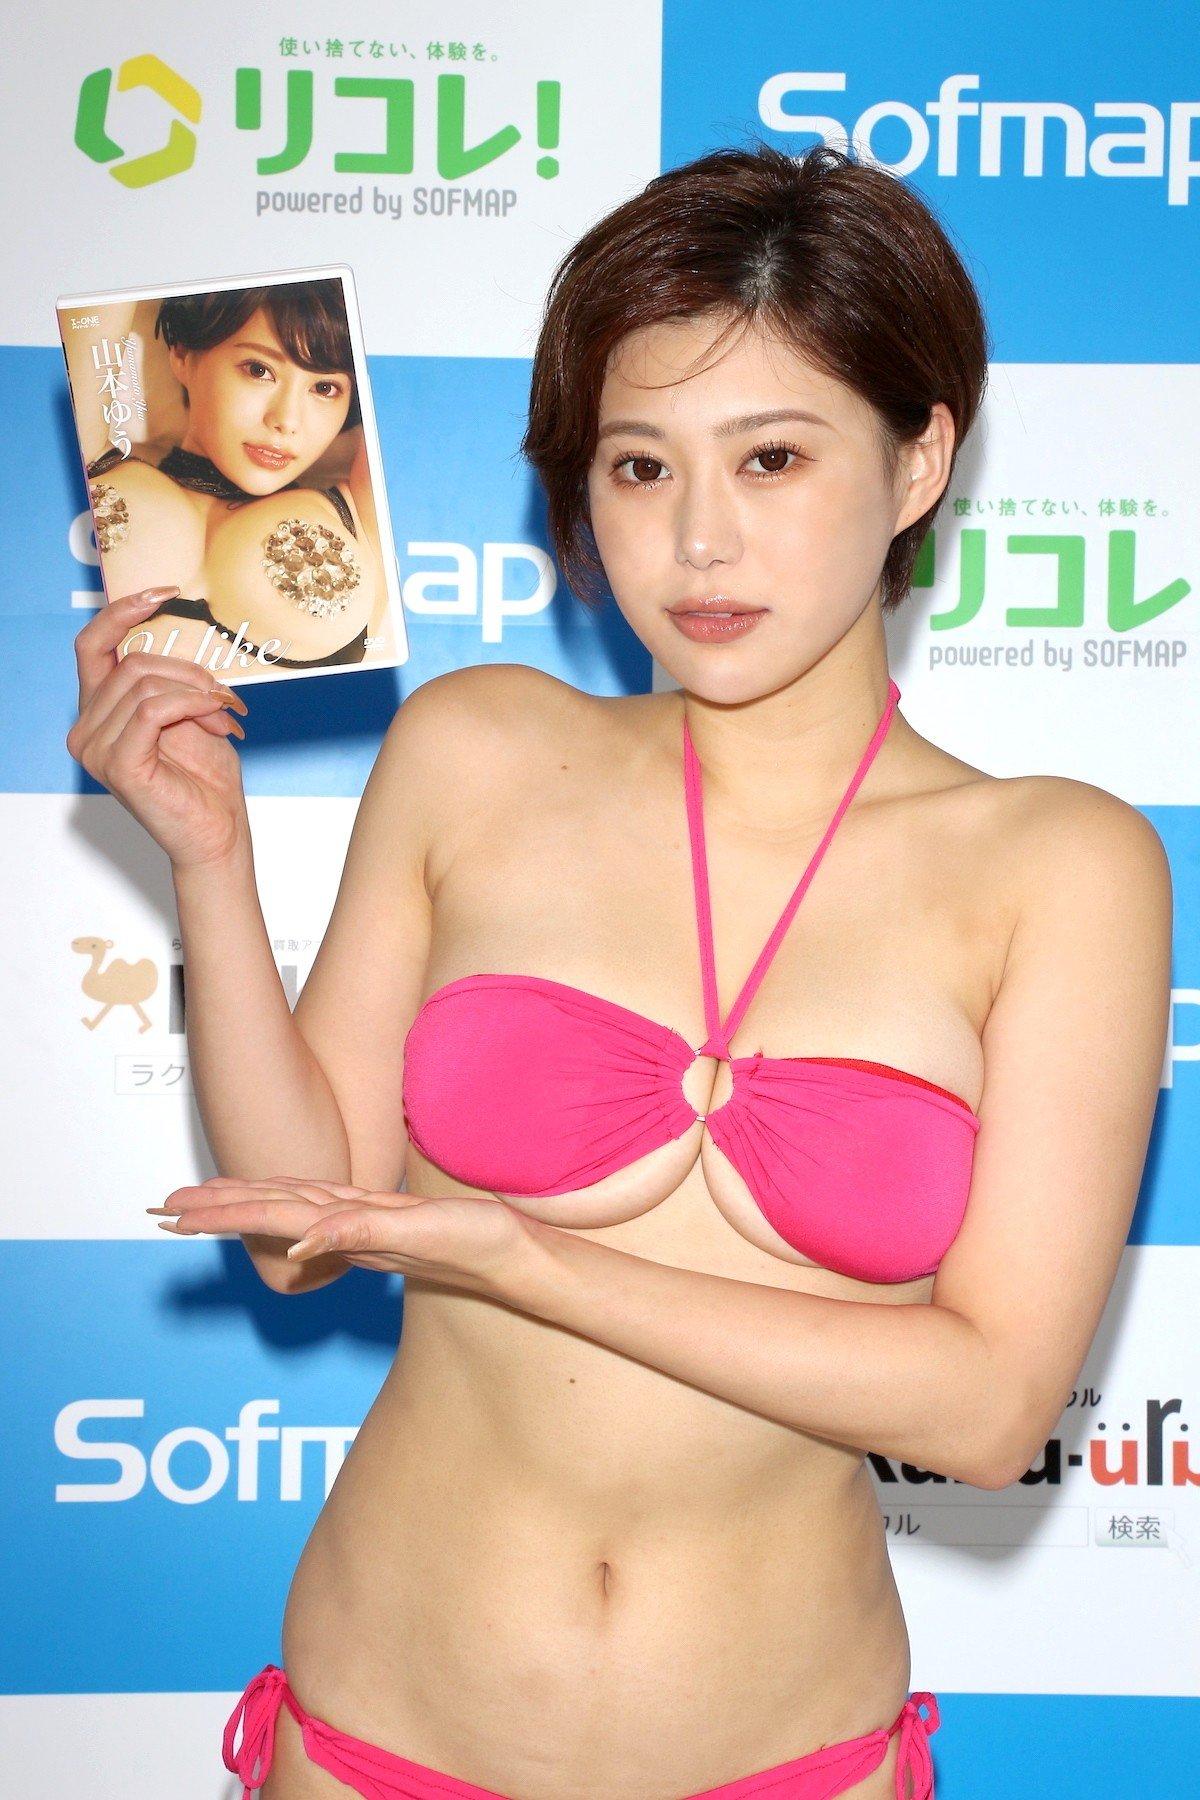 山本ゆう「裸エプロンってワードだけで」本当に何も下に着てない【画像58枚】の画像046